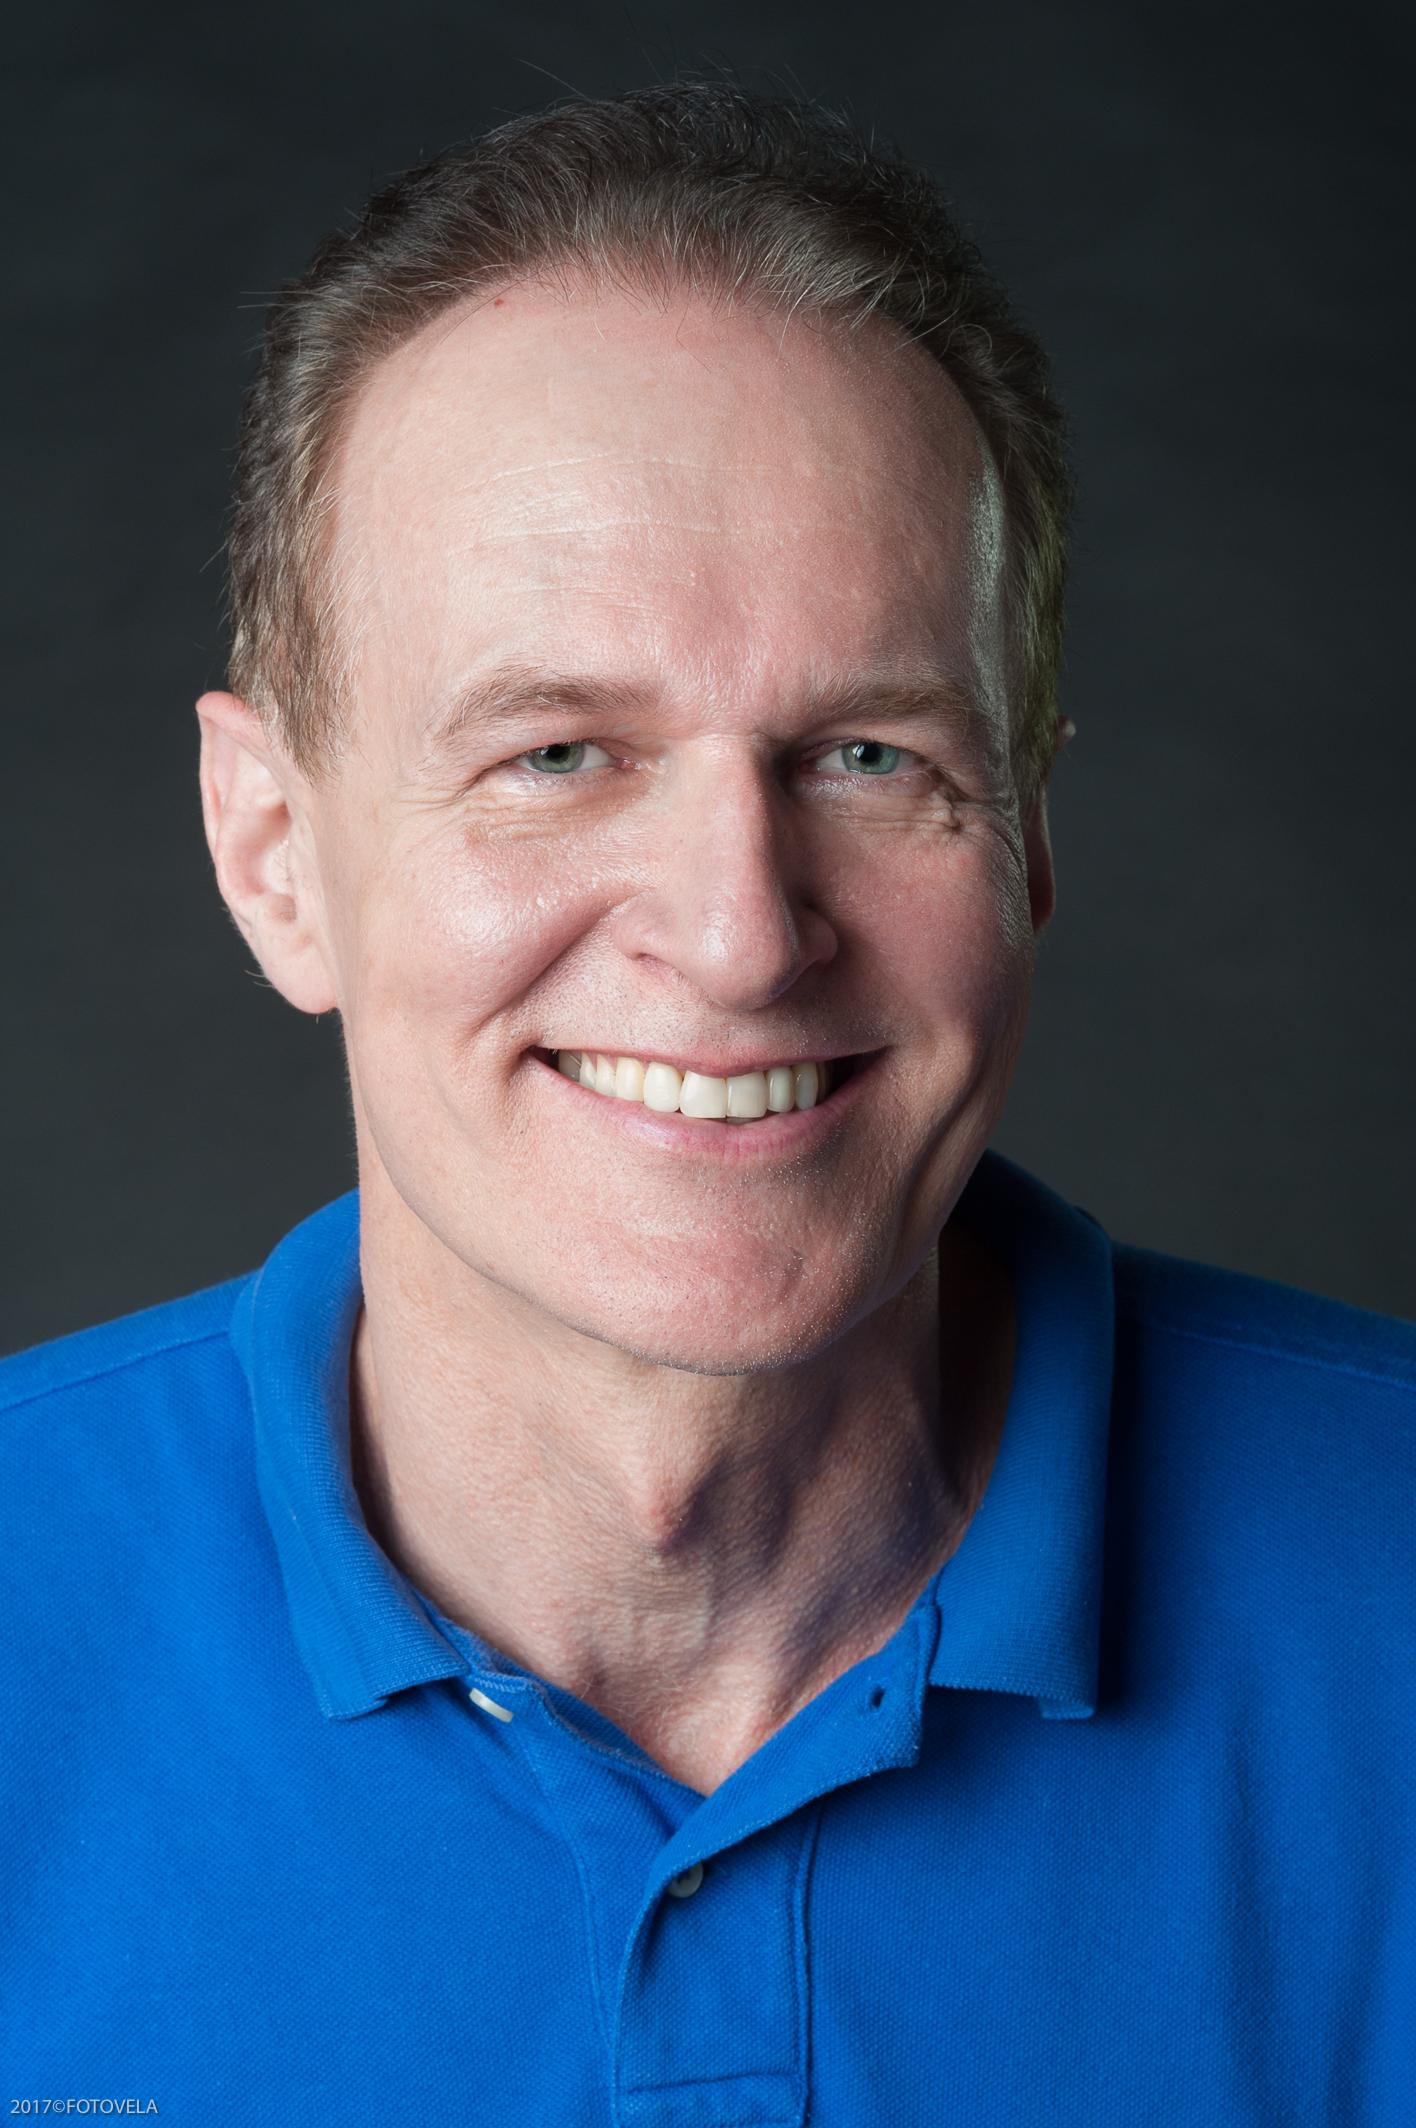 Dr. Ruud Valks, dermatologist